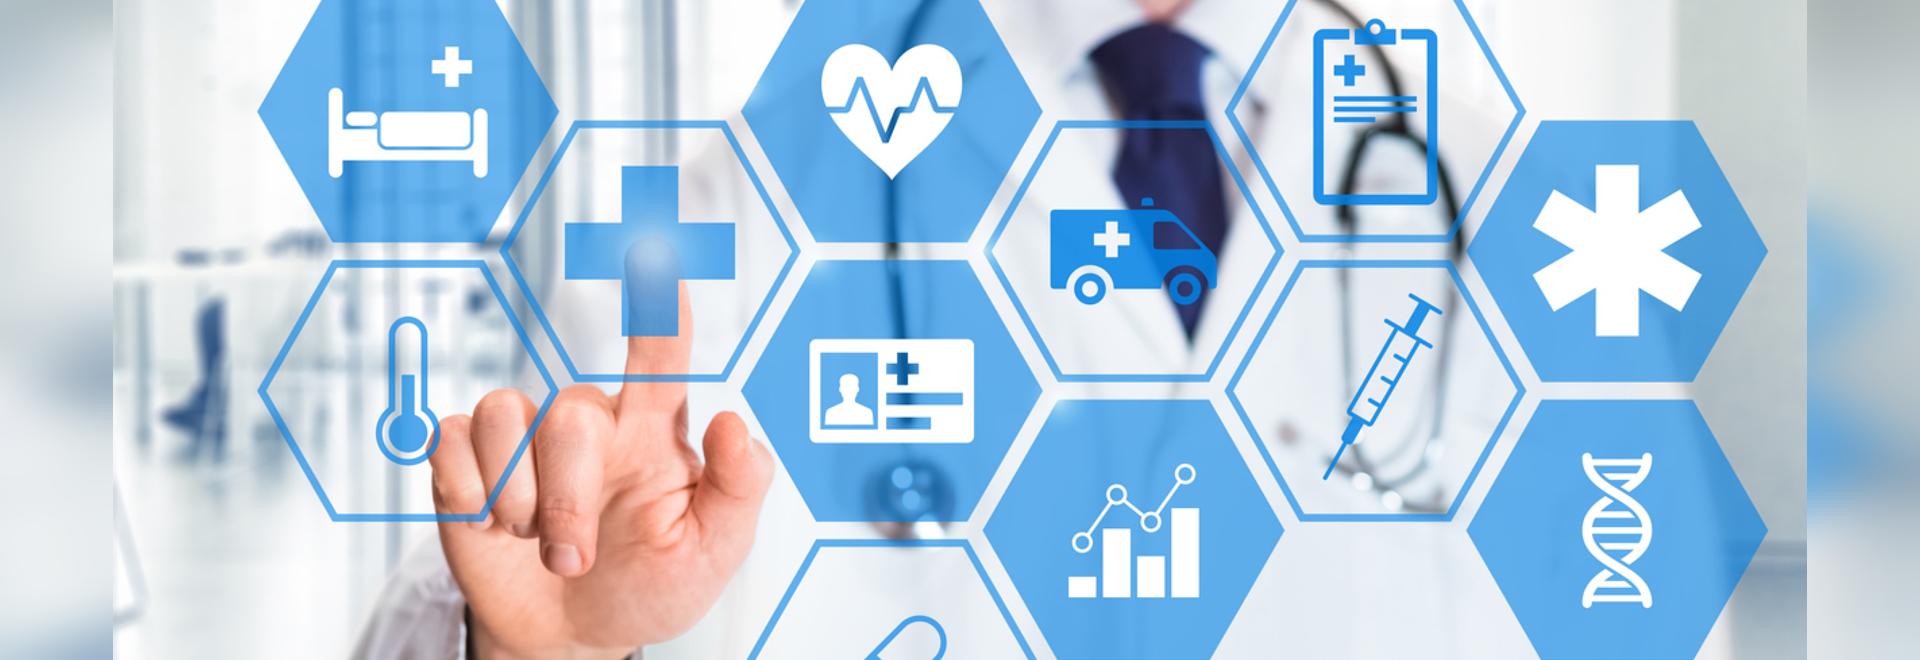 Cómo construir una estrategia eficaz de segmentación de la red de atención de salud